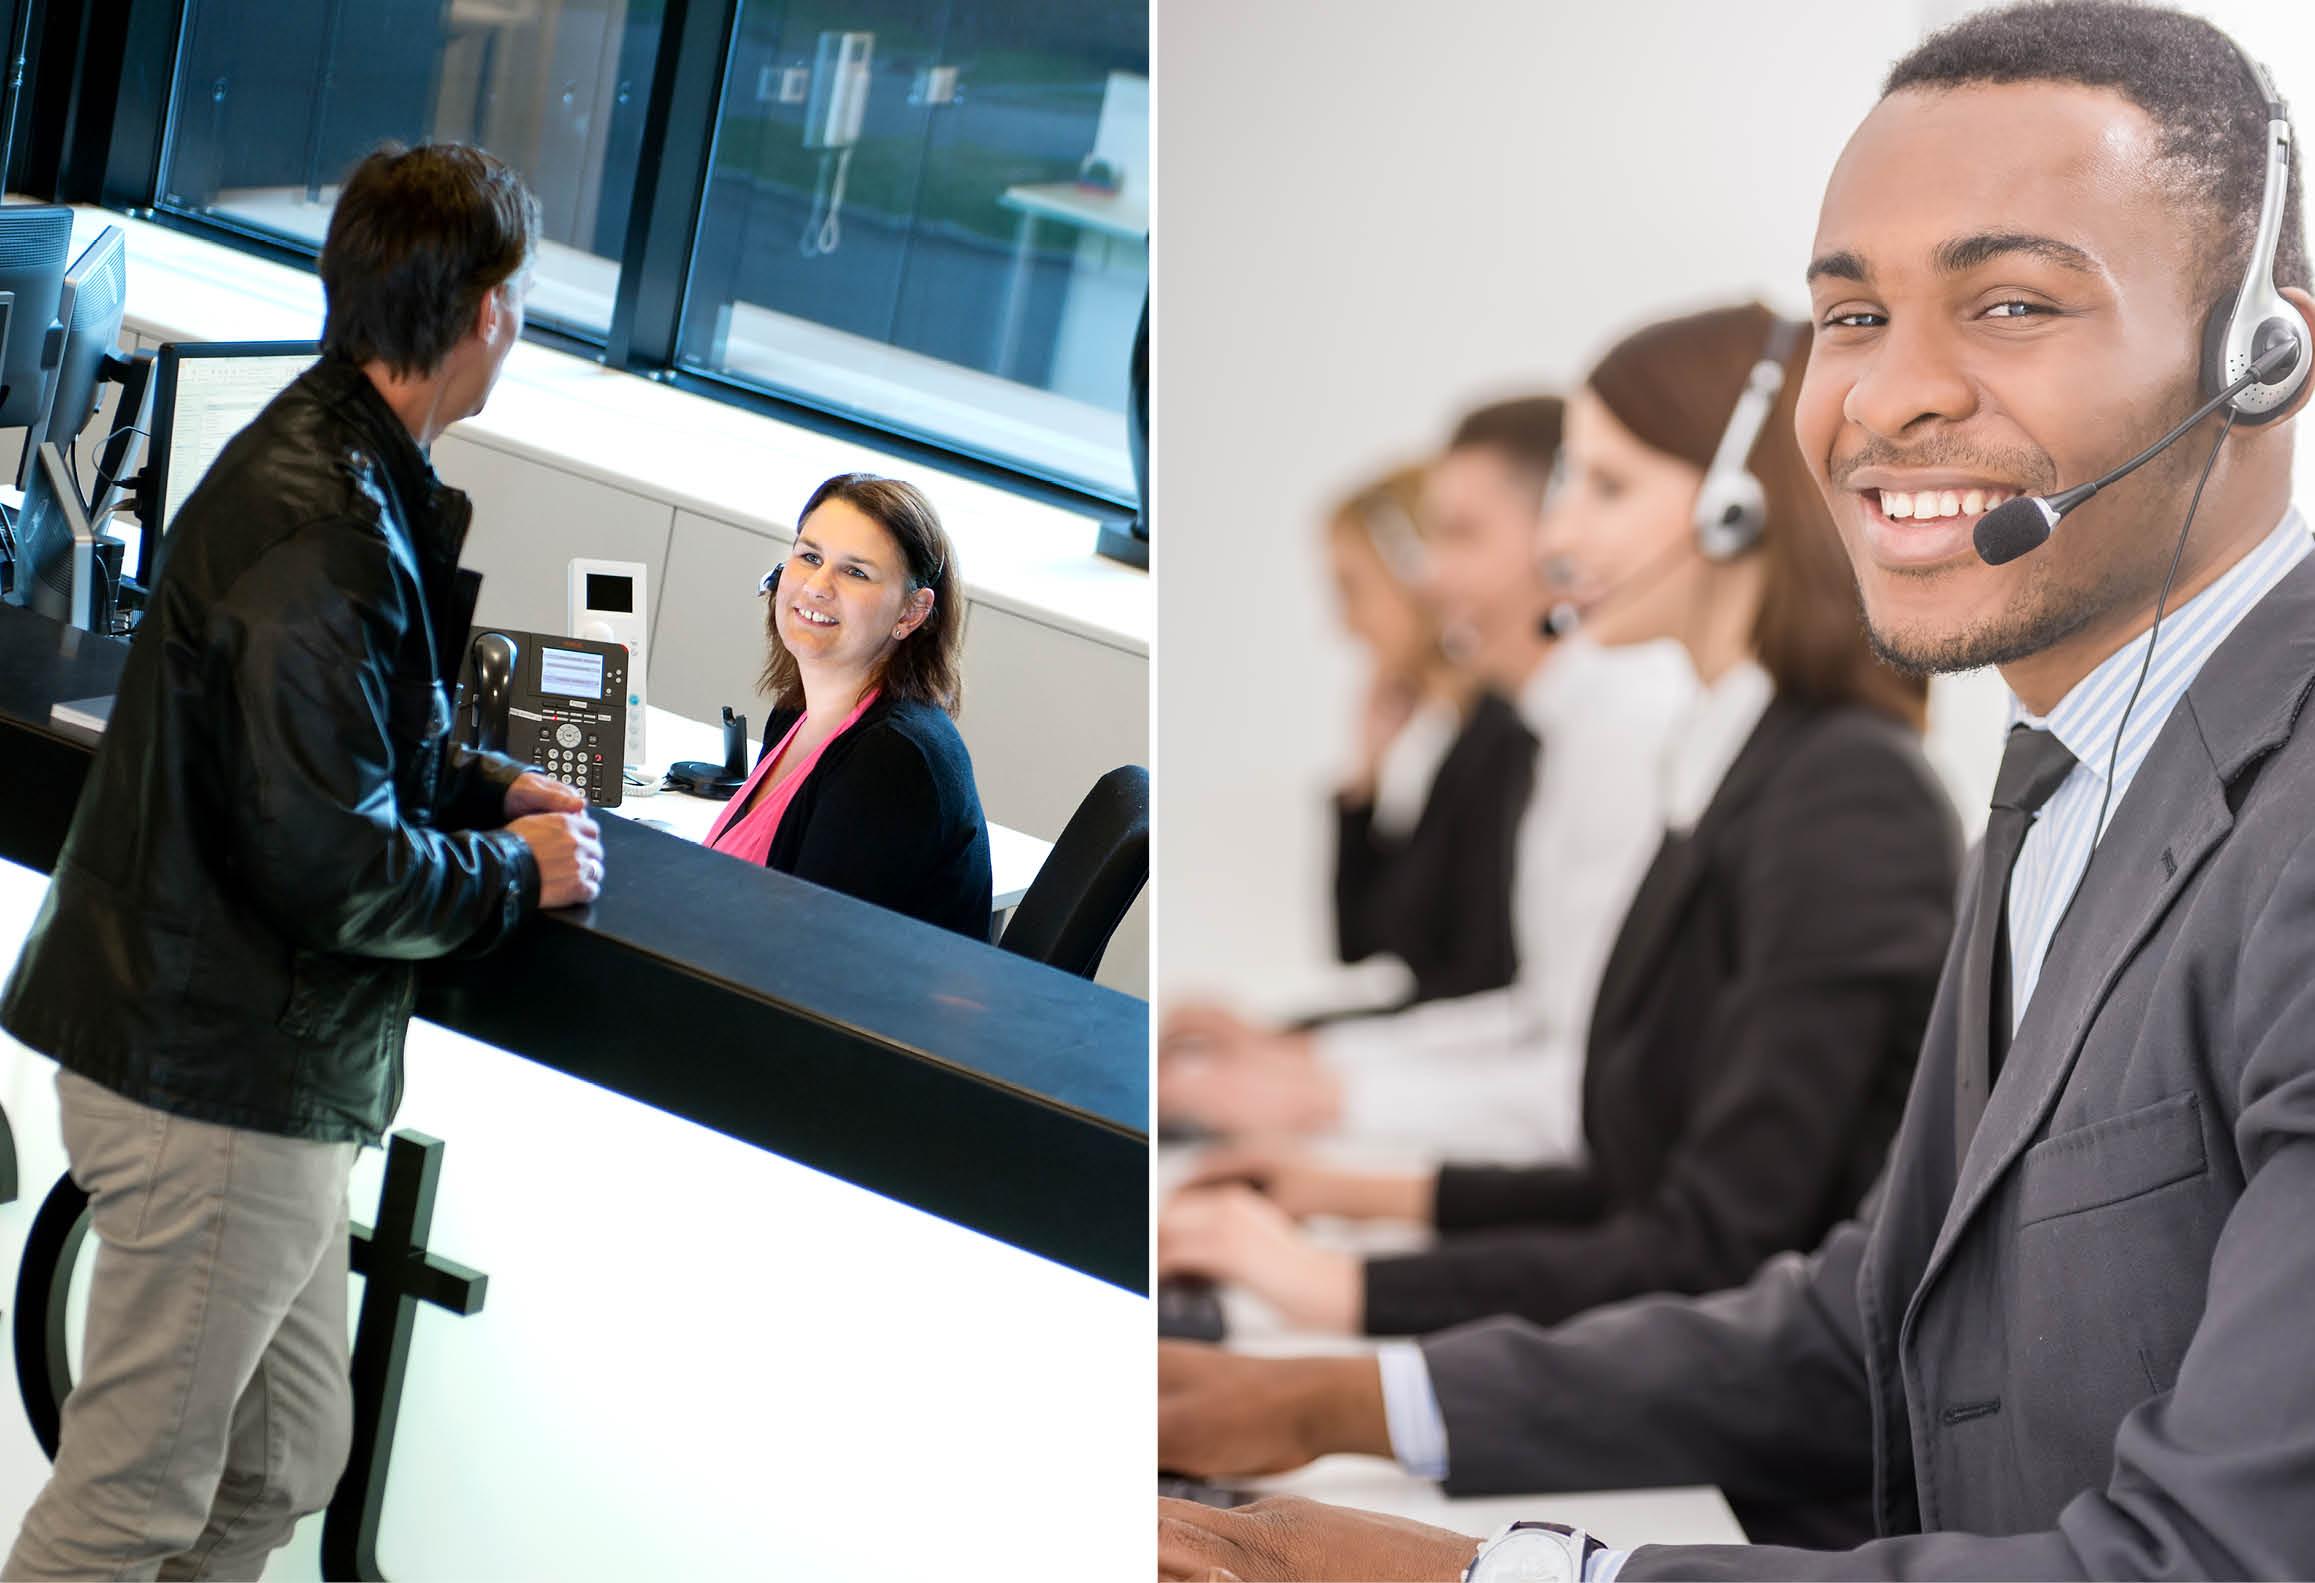 Vänster bild visar en kund vid en receptionsdisk. Höger bild visar kundtjänstmedarbetare med headset